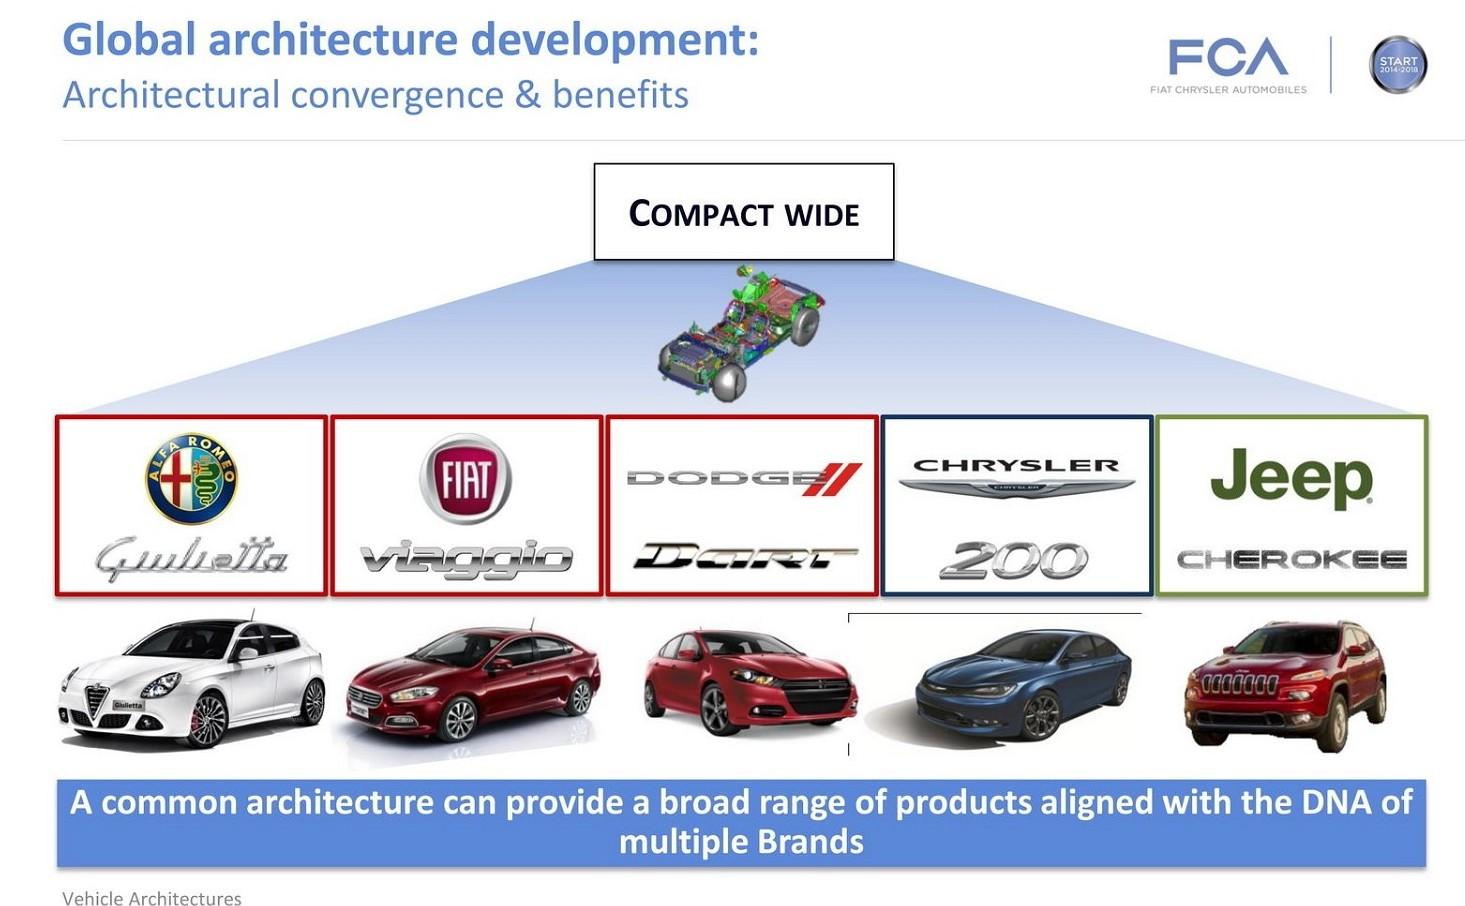 Fiat Chrysler, piano attuale e quello pa